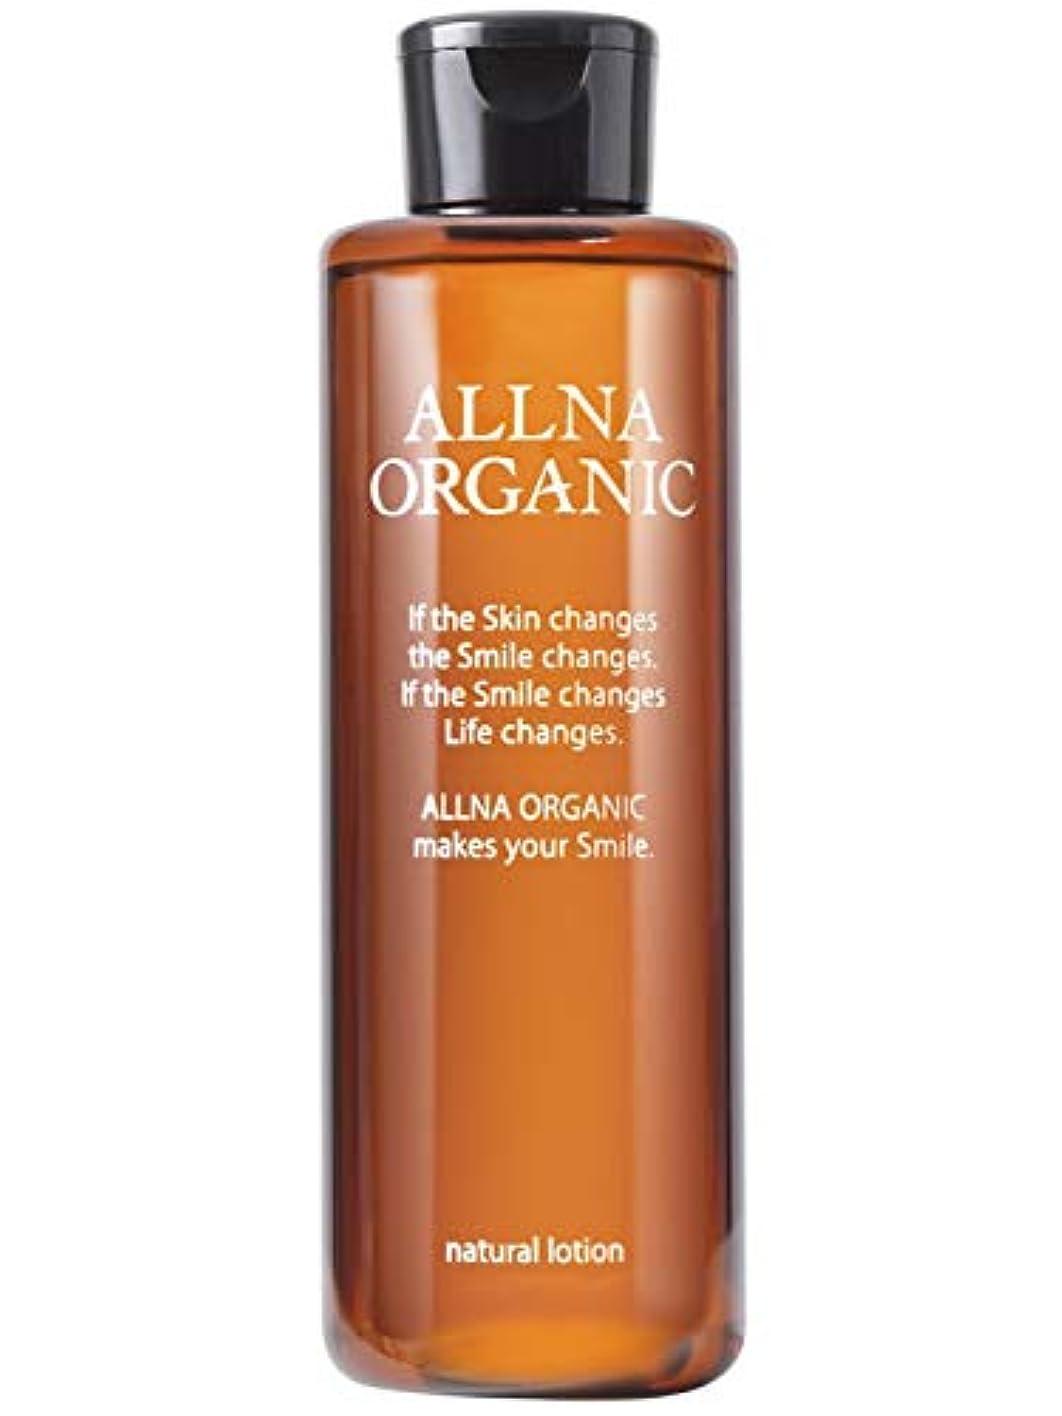 未来不正直素晴らしい良い多くのオルナ オーガニック 化粧水 「 保湿 乾燥 かさつき 用」「 コラーゲン ビタミンC誘導体 ヒアルロン酸 セラミド 配合」200ml